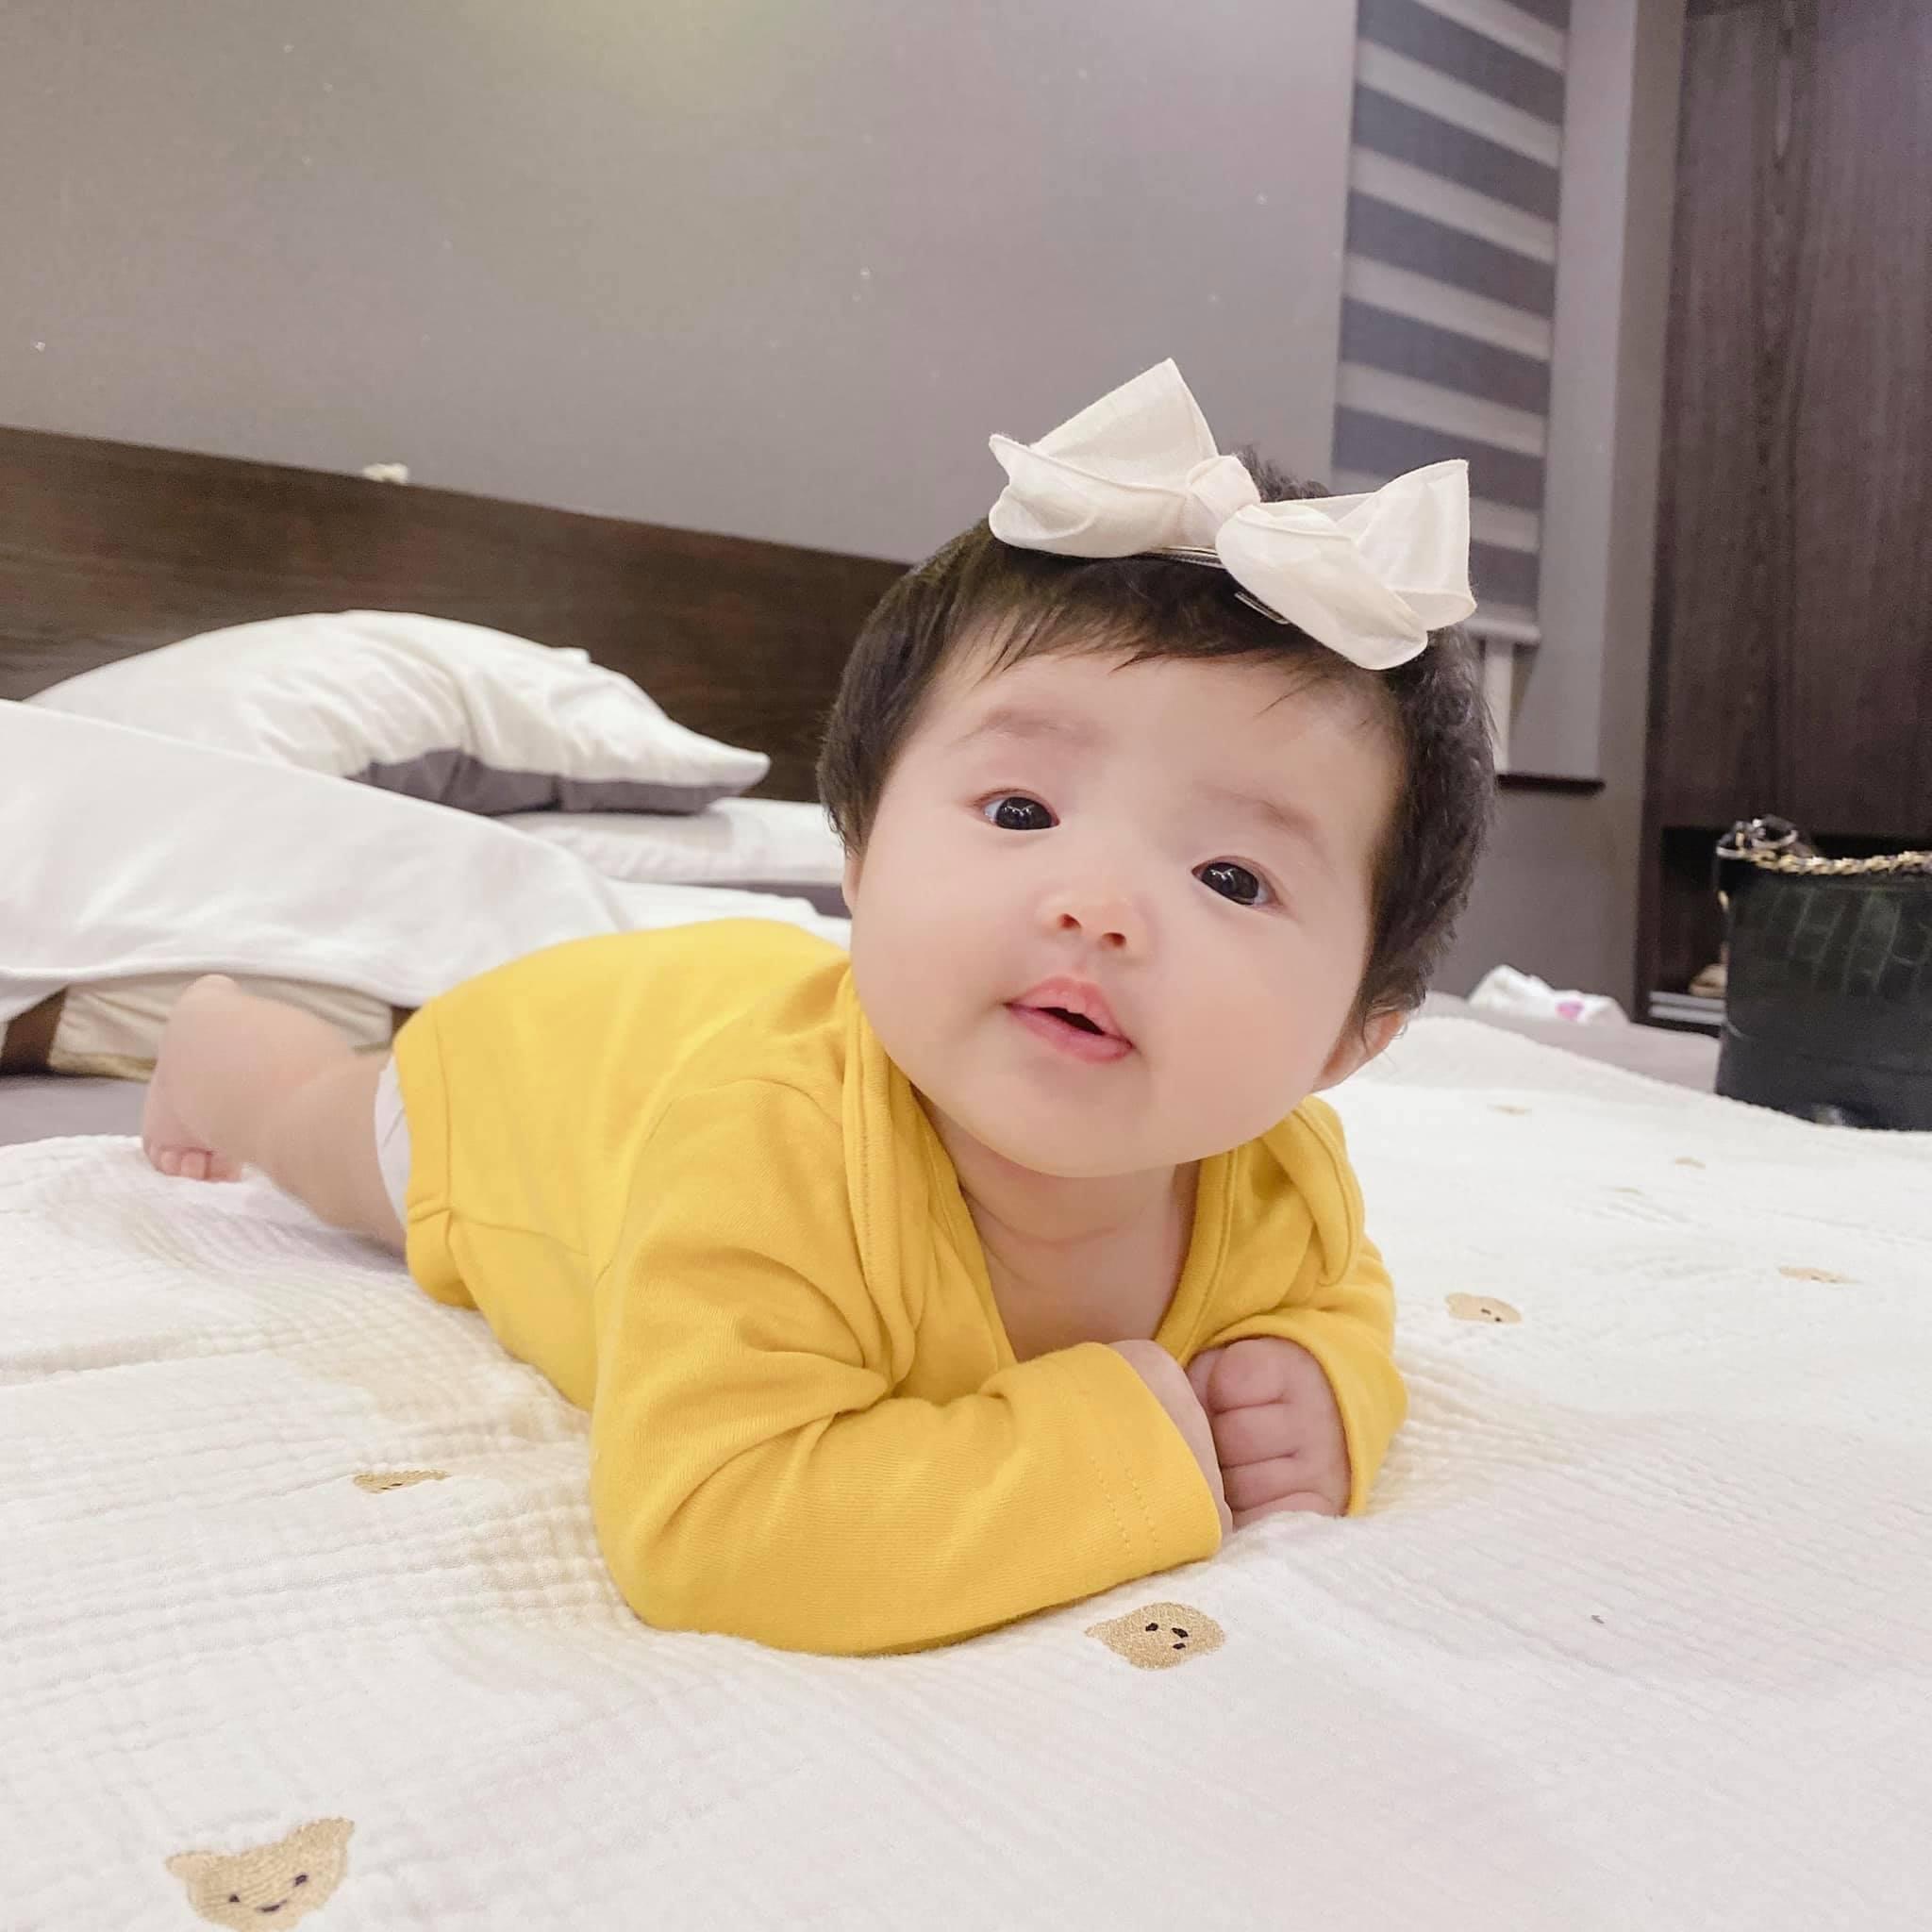 Đông Nhi đăng loạt ảnh cận cảnh con gái, dân mạng: Đích thị là 'đẻ thuê' rồi! 2